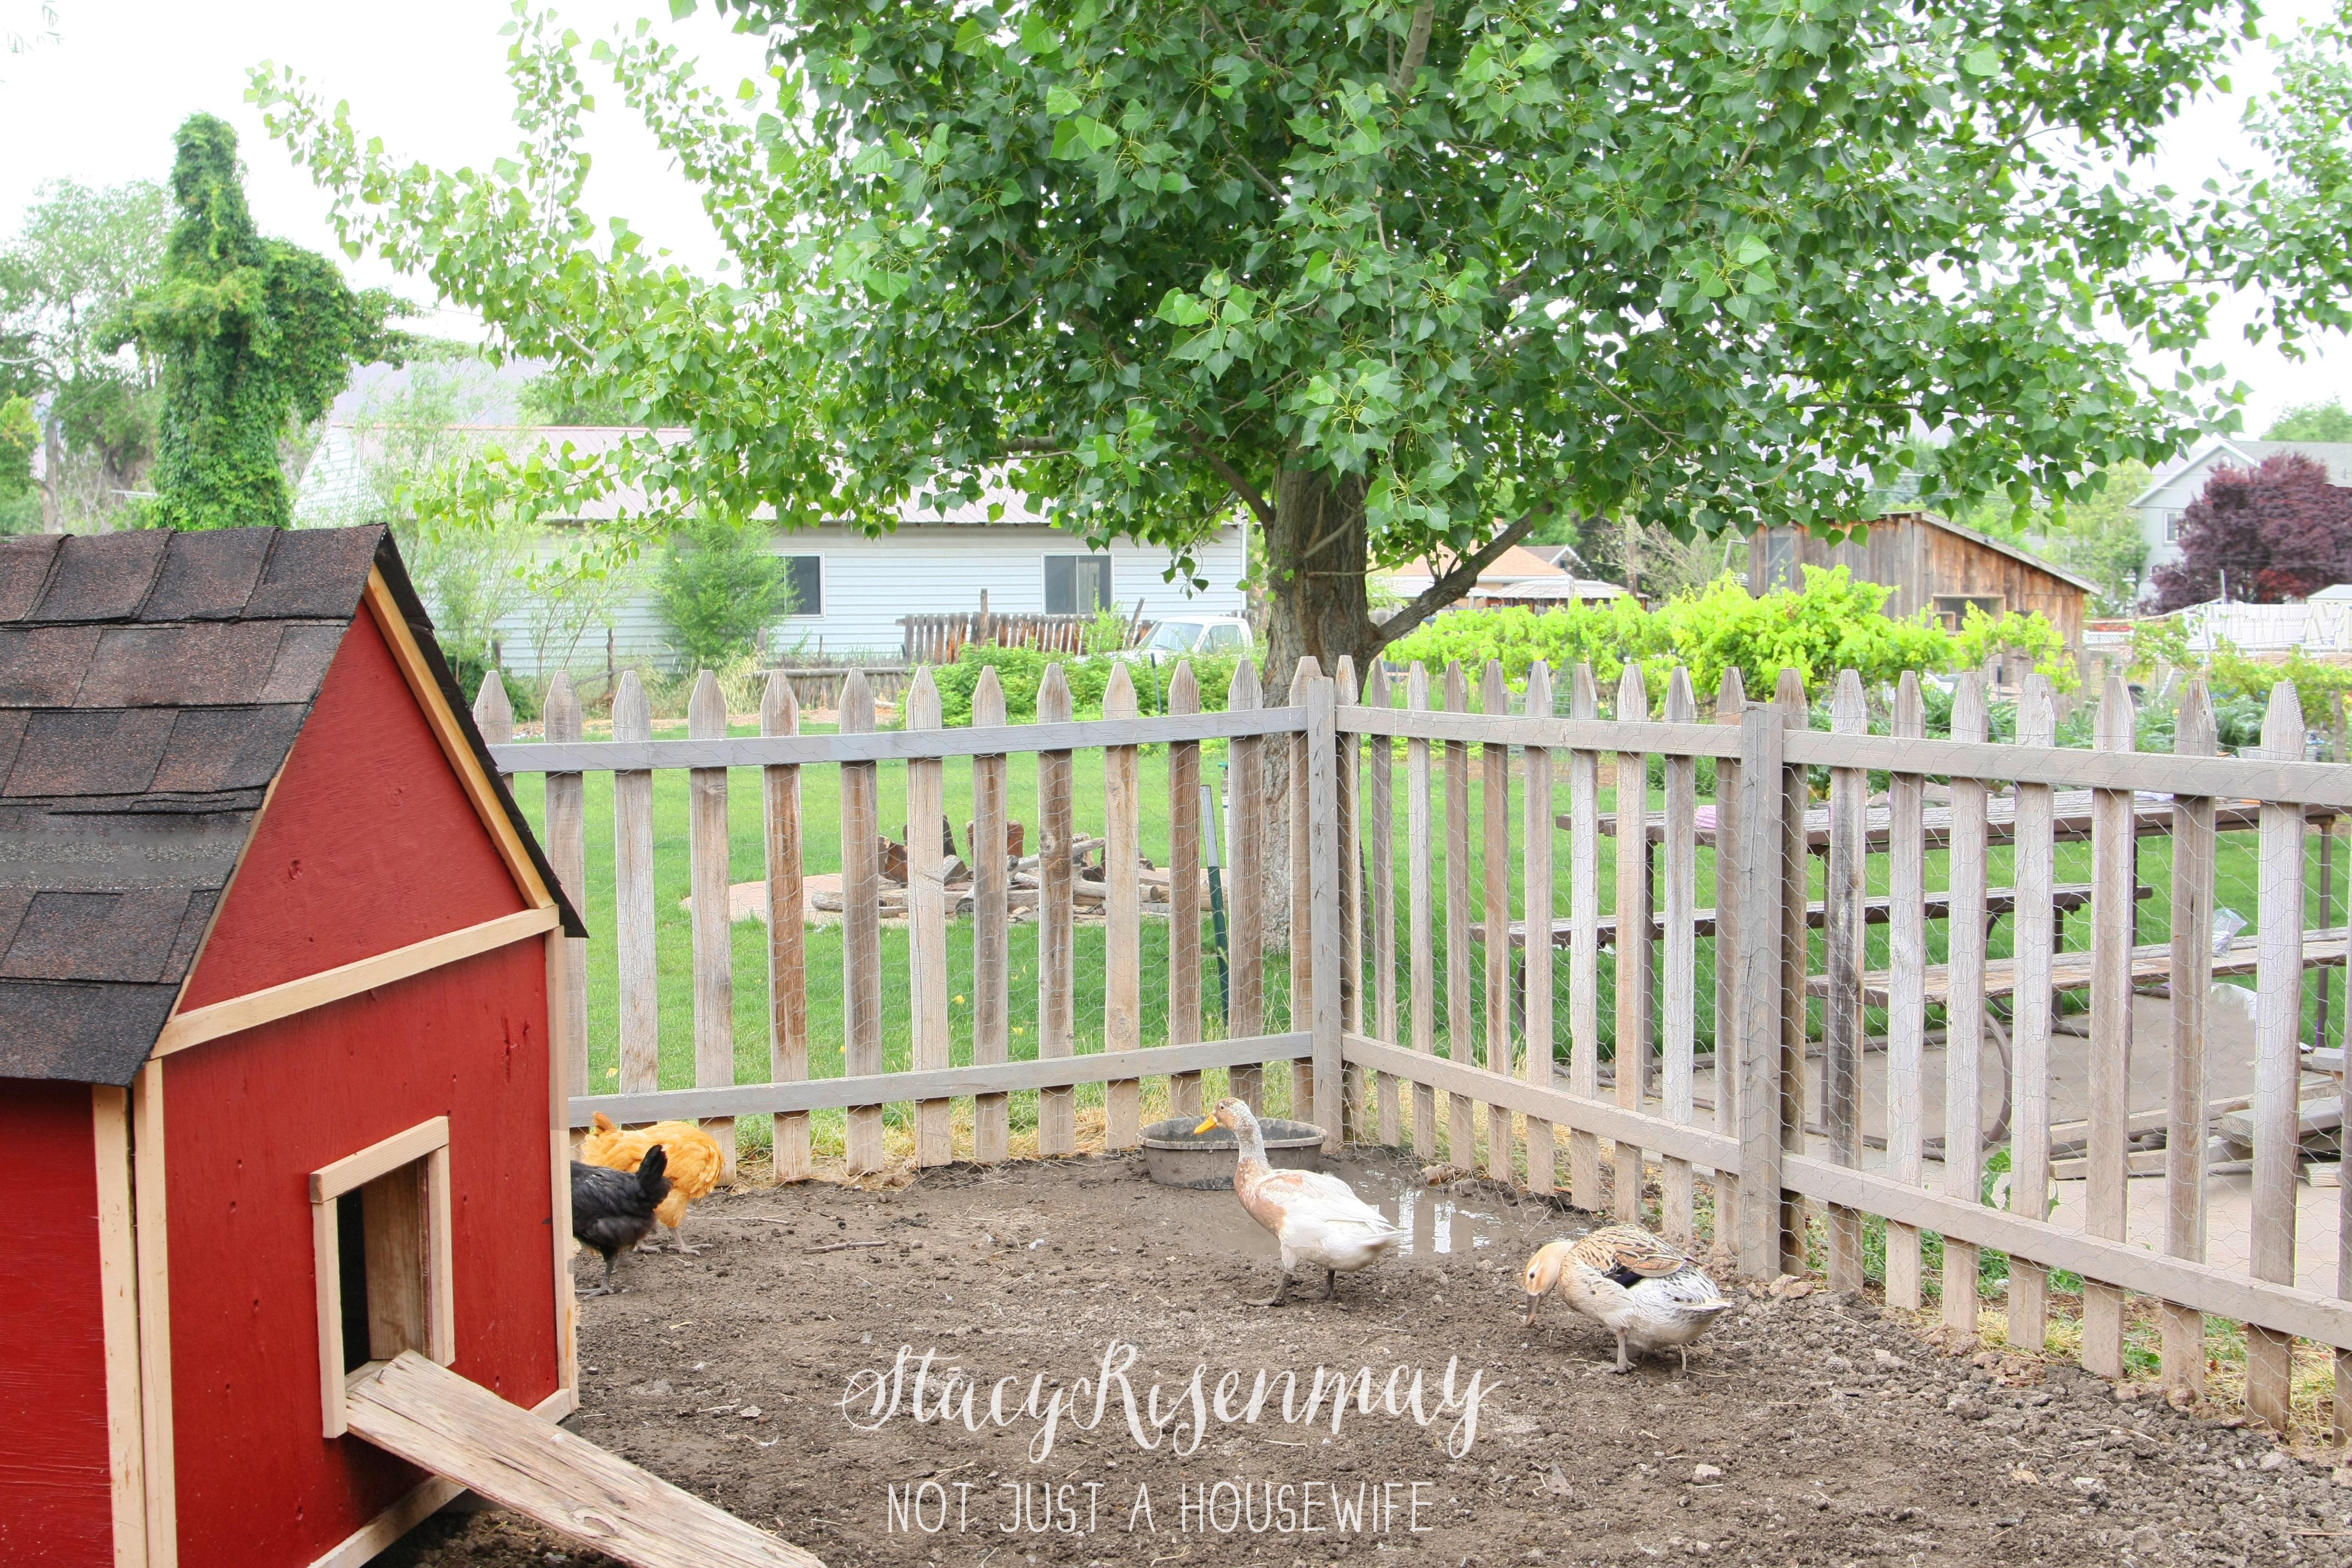 Raising Backyard Chickens - Stacy Risenmay